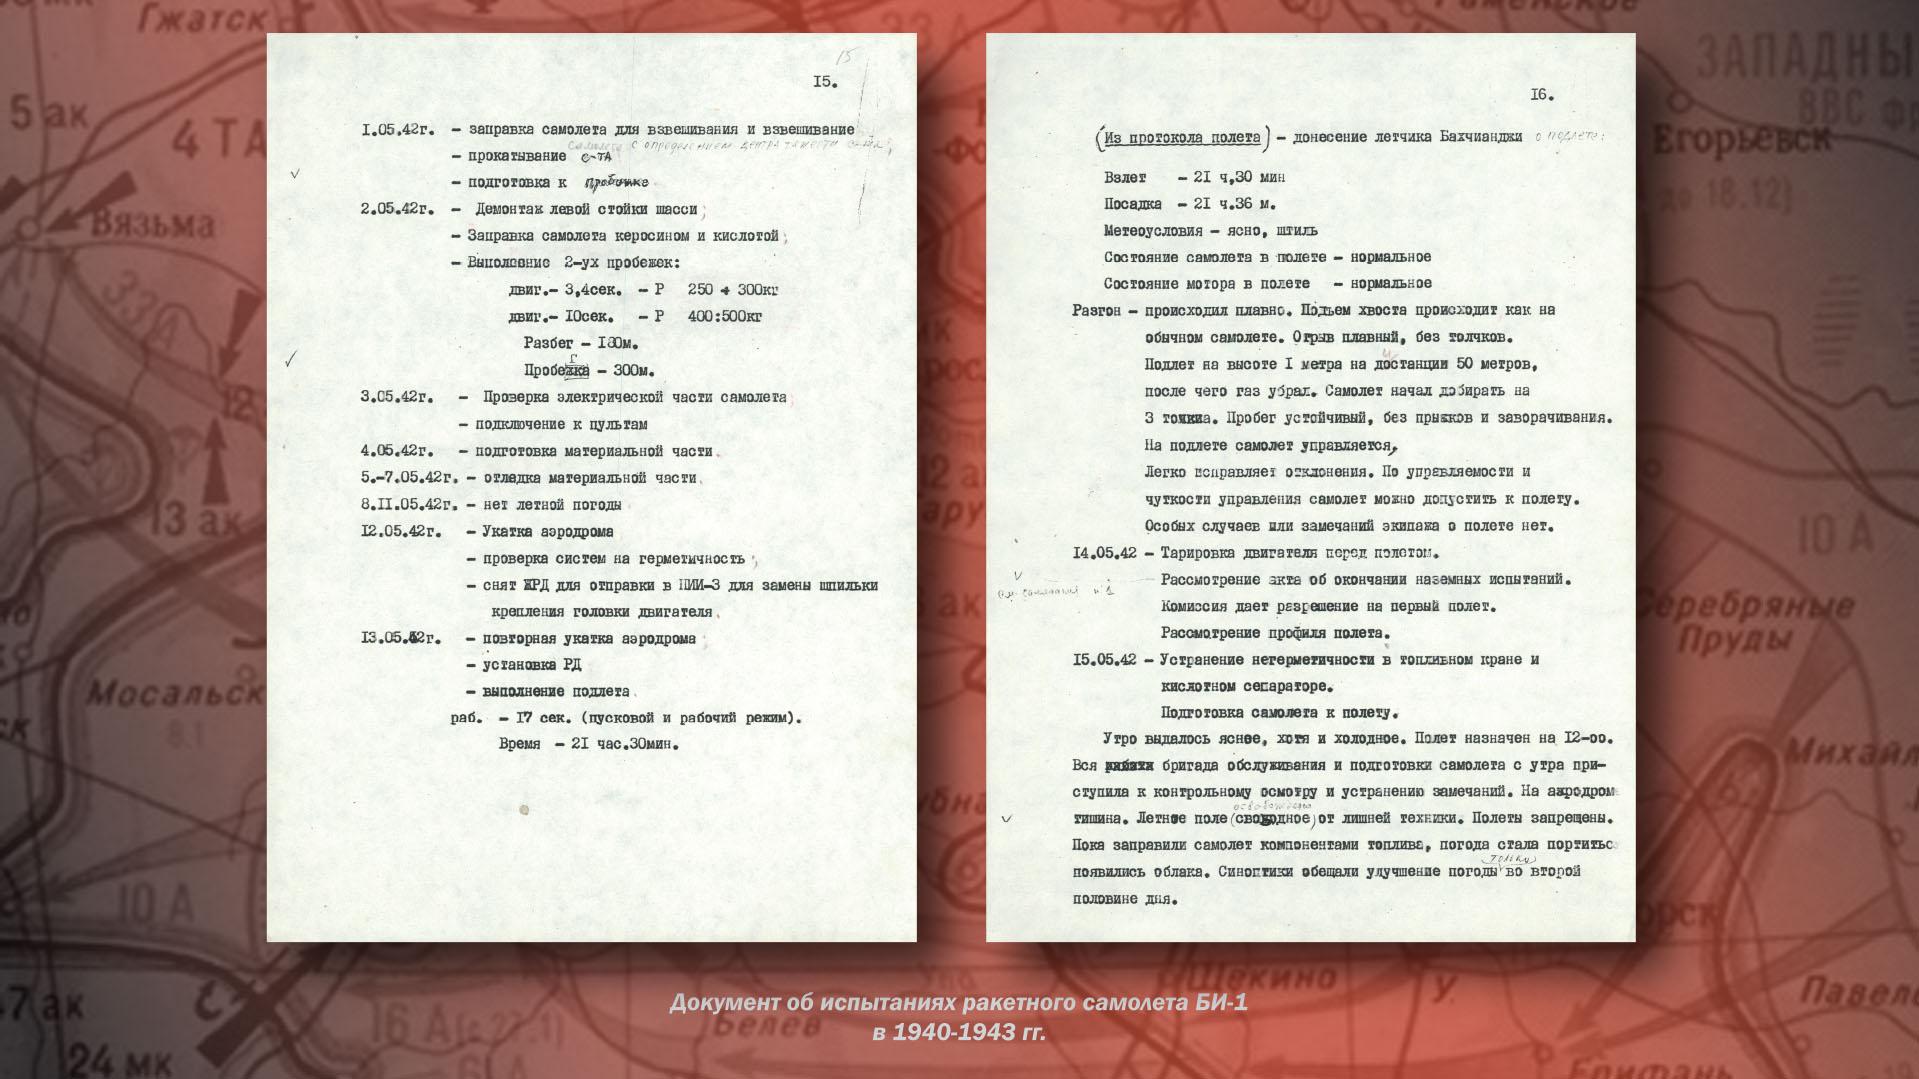 Документ об испытаниях ракетного самолета БИ-1